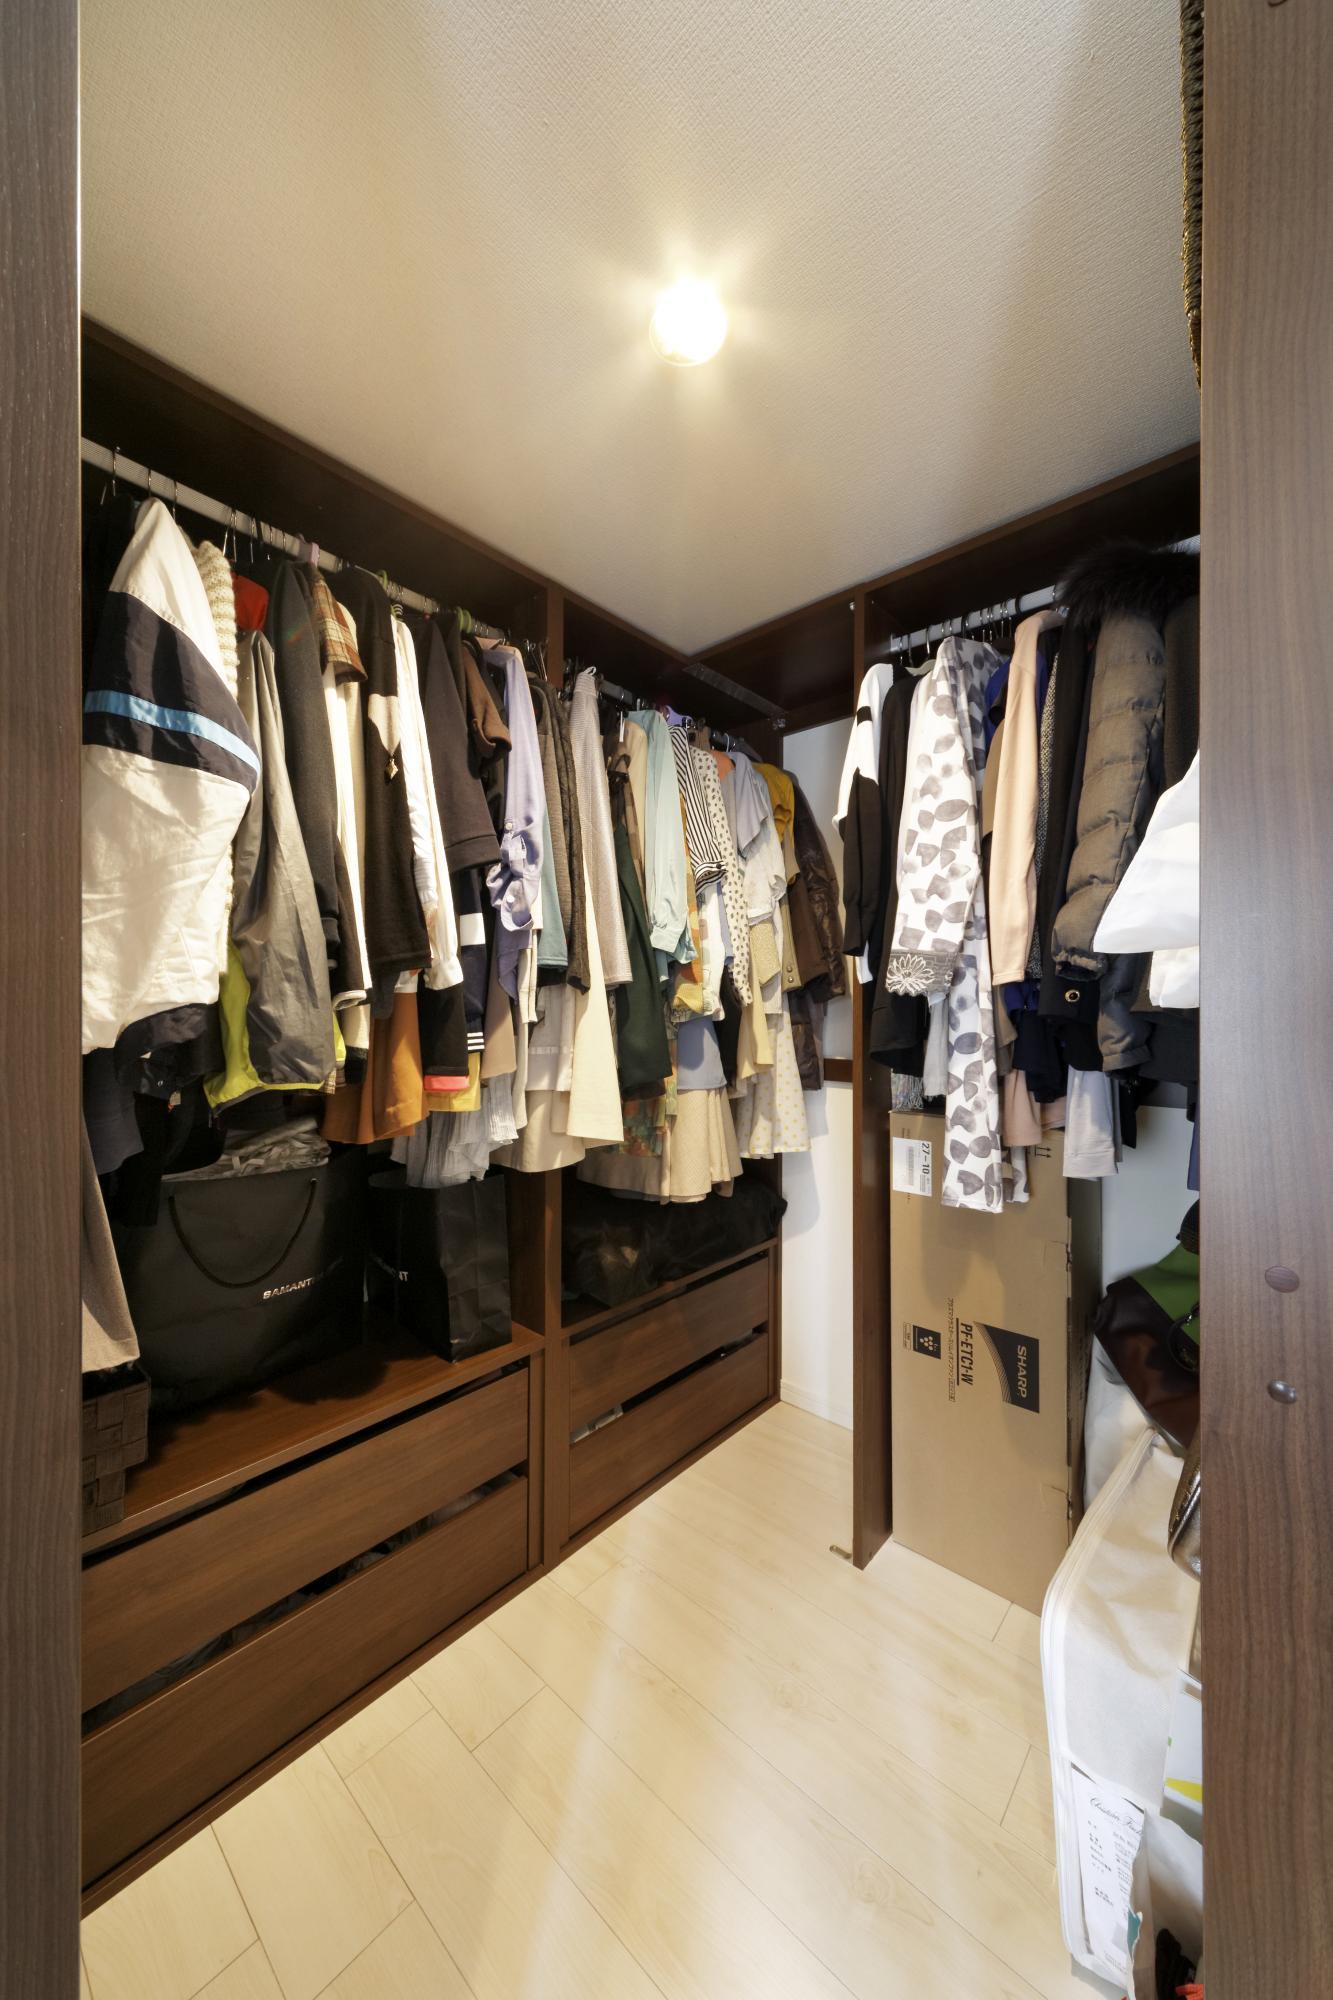 システム収納家具で使いやすく整えたウォークイン・クロゼット。床を上げ、この下にキッチンへの配管を集中して通した。